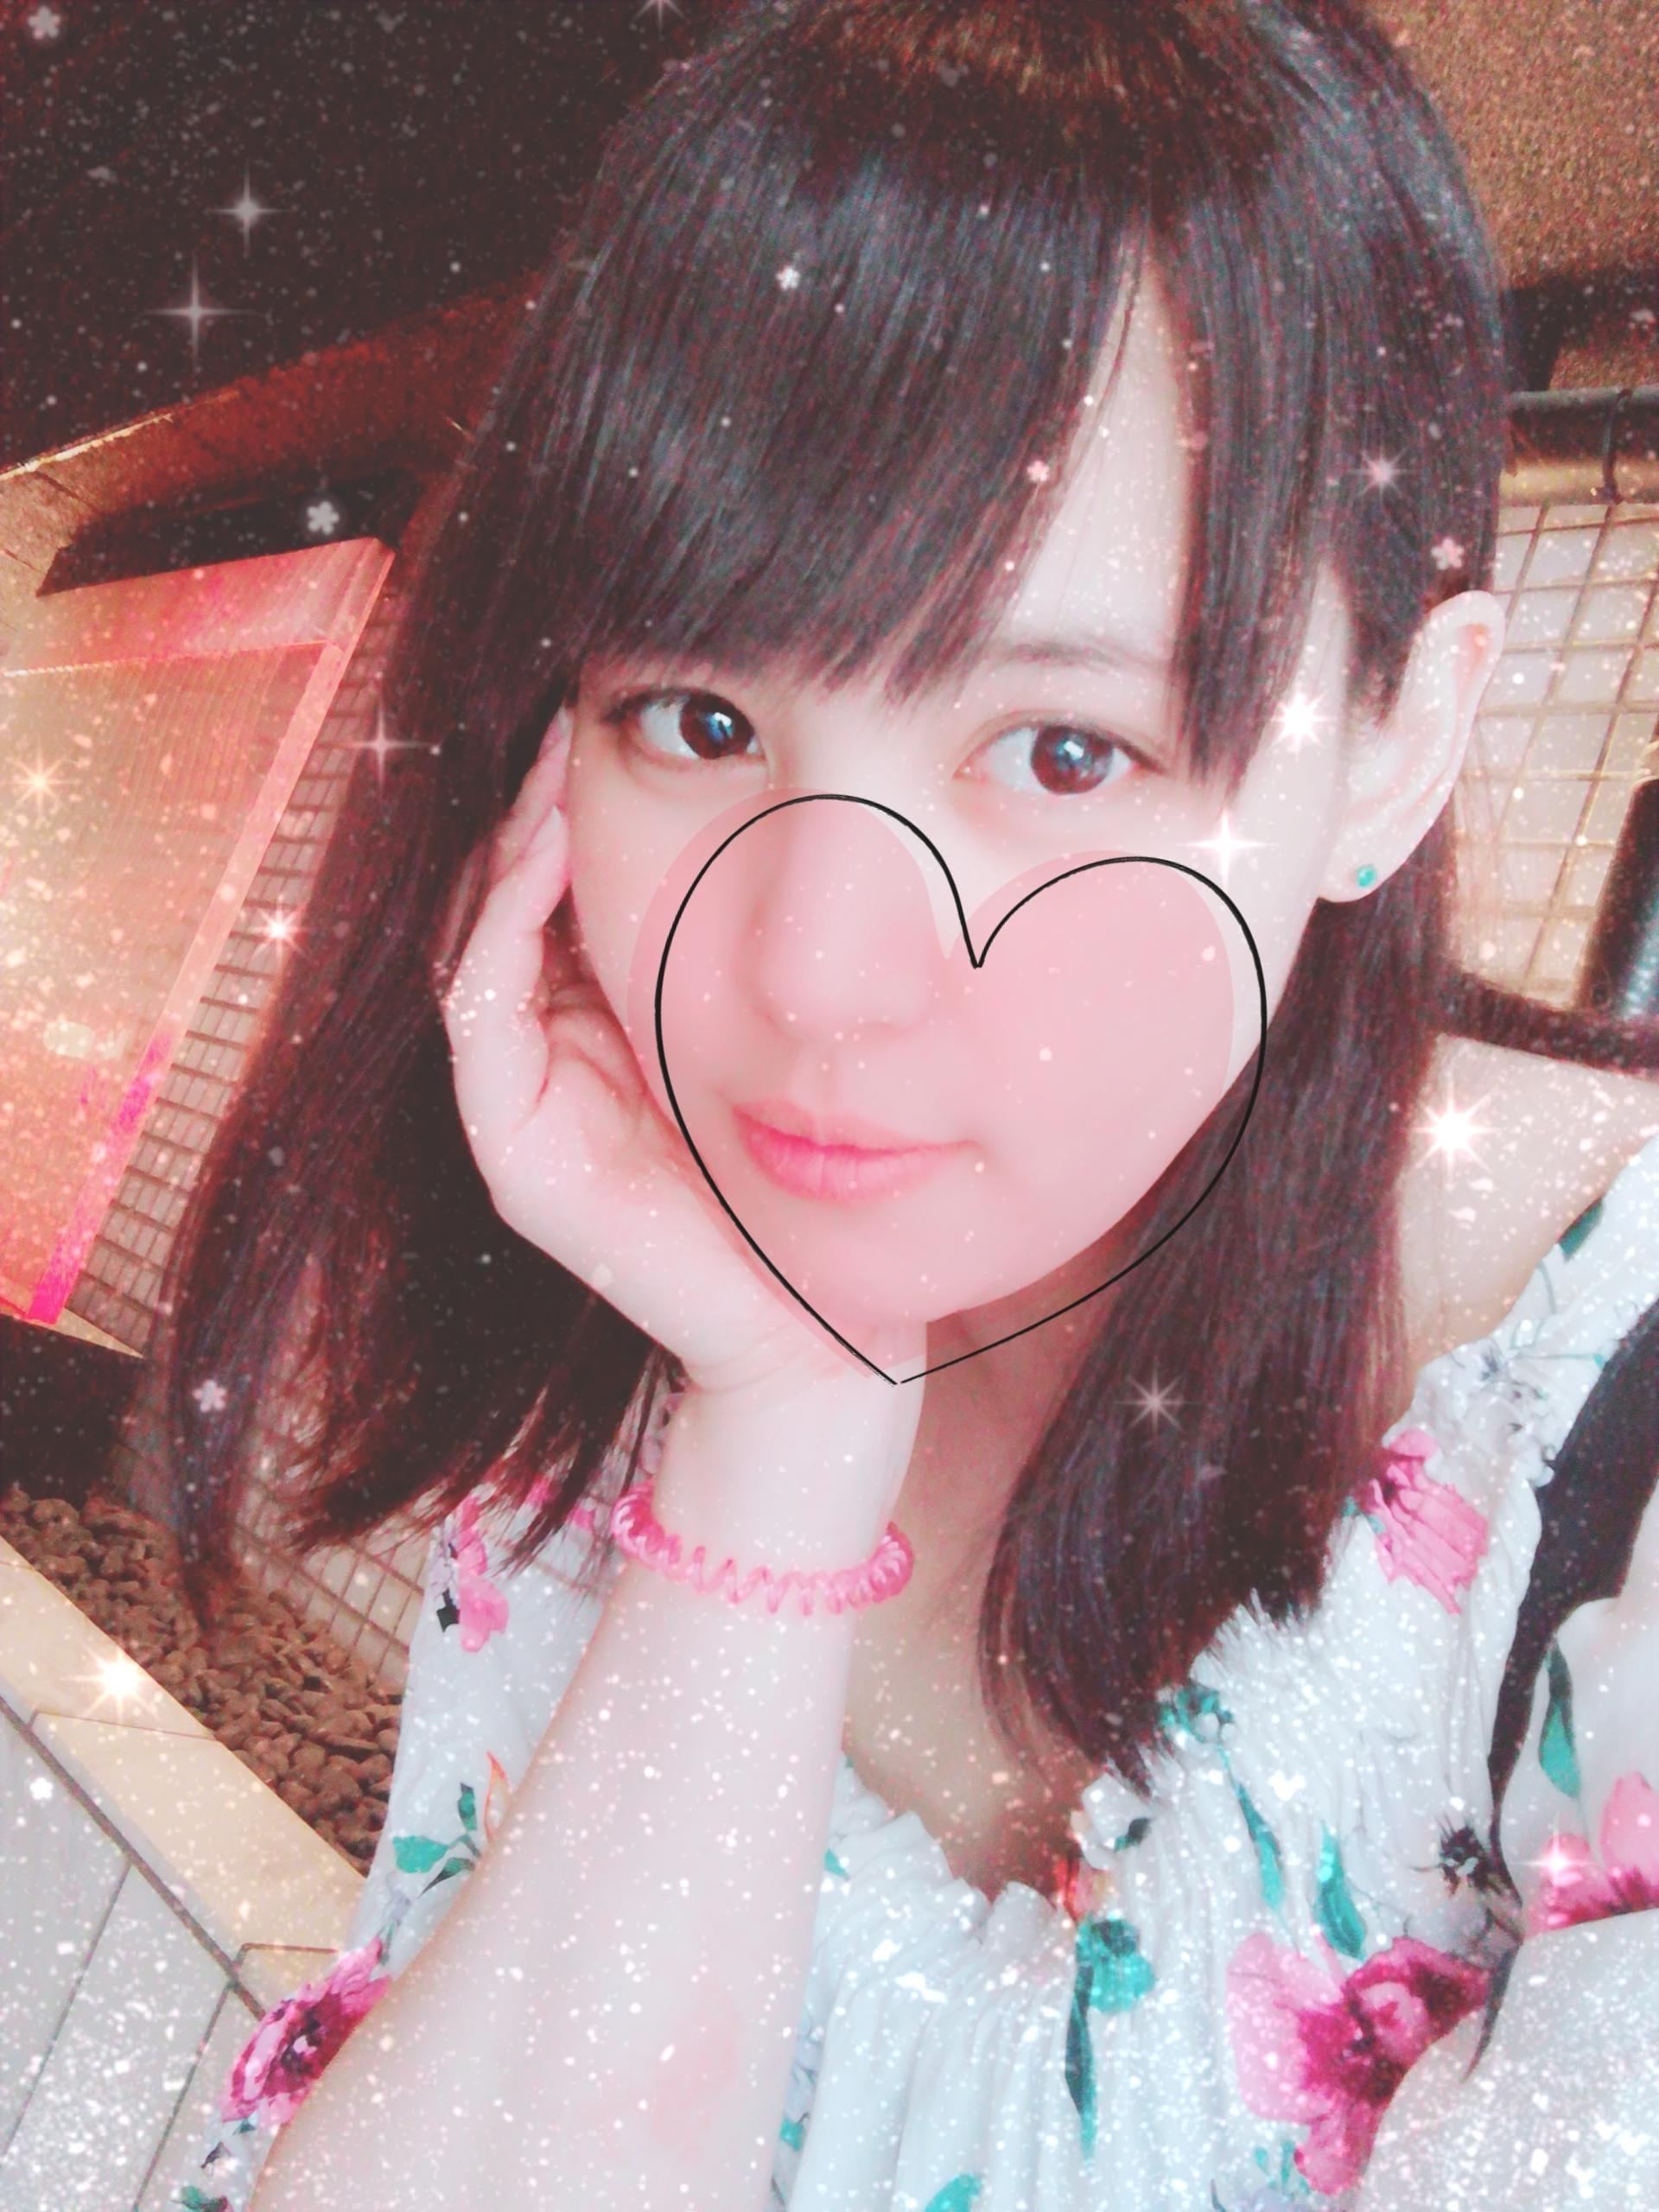 「♪」06/25(06/25) 16:52 | りなの写メ・風俗動画